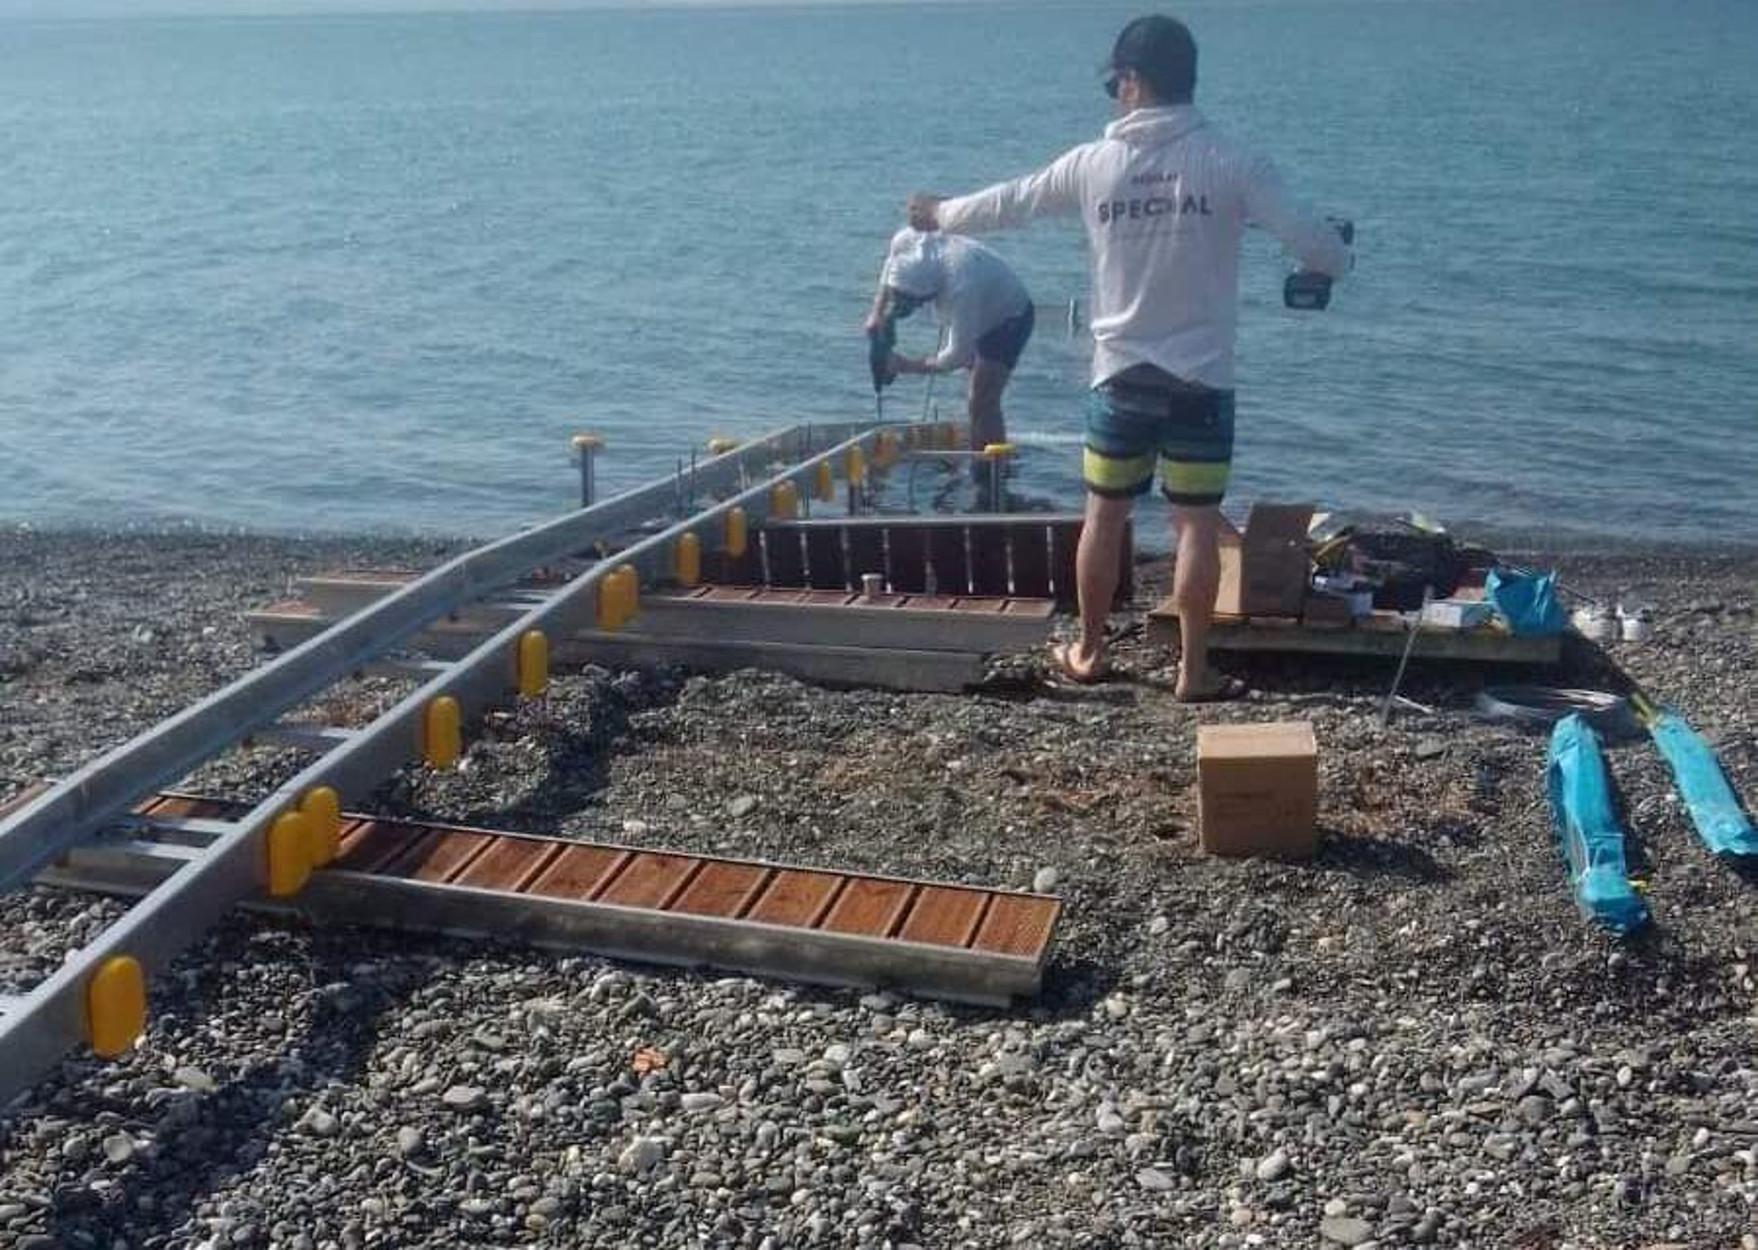 Ψαχνά: Κατήγγειλε την τοποθέτηση ράμπας ΑΜΕΑ στην παραλία για… καταπάτηση αιγιαλού